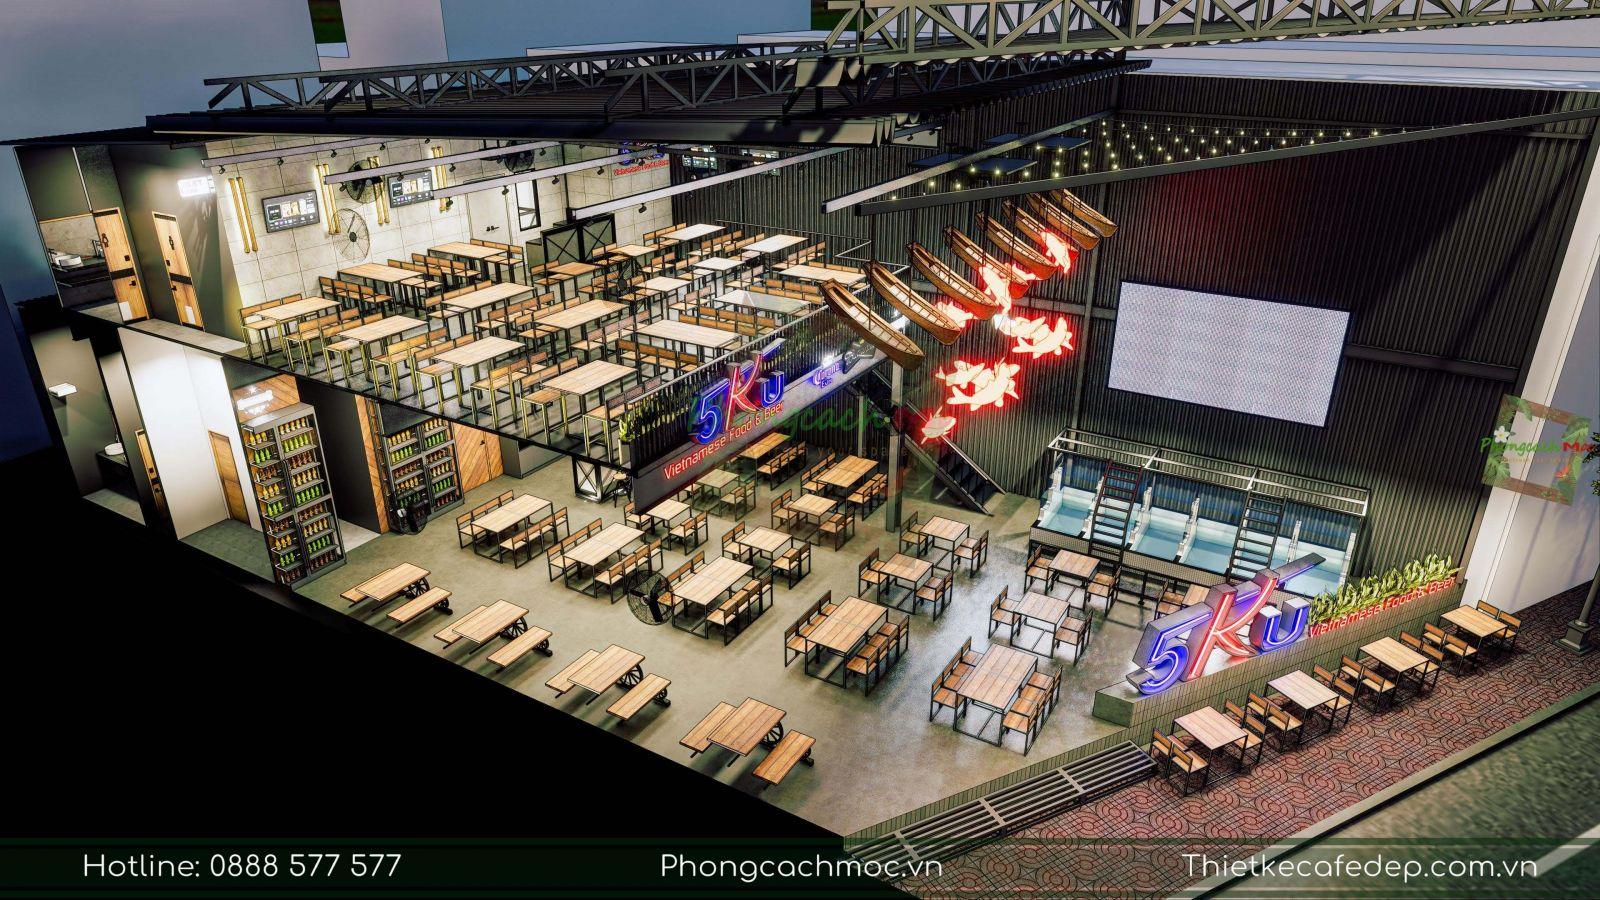 pcm thiết kế thi công trọn gói nhà hàng 5ku